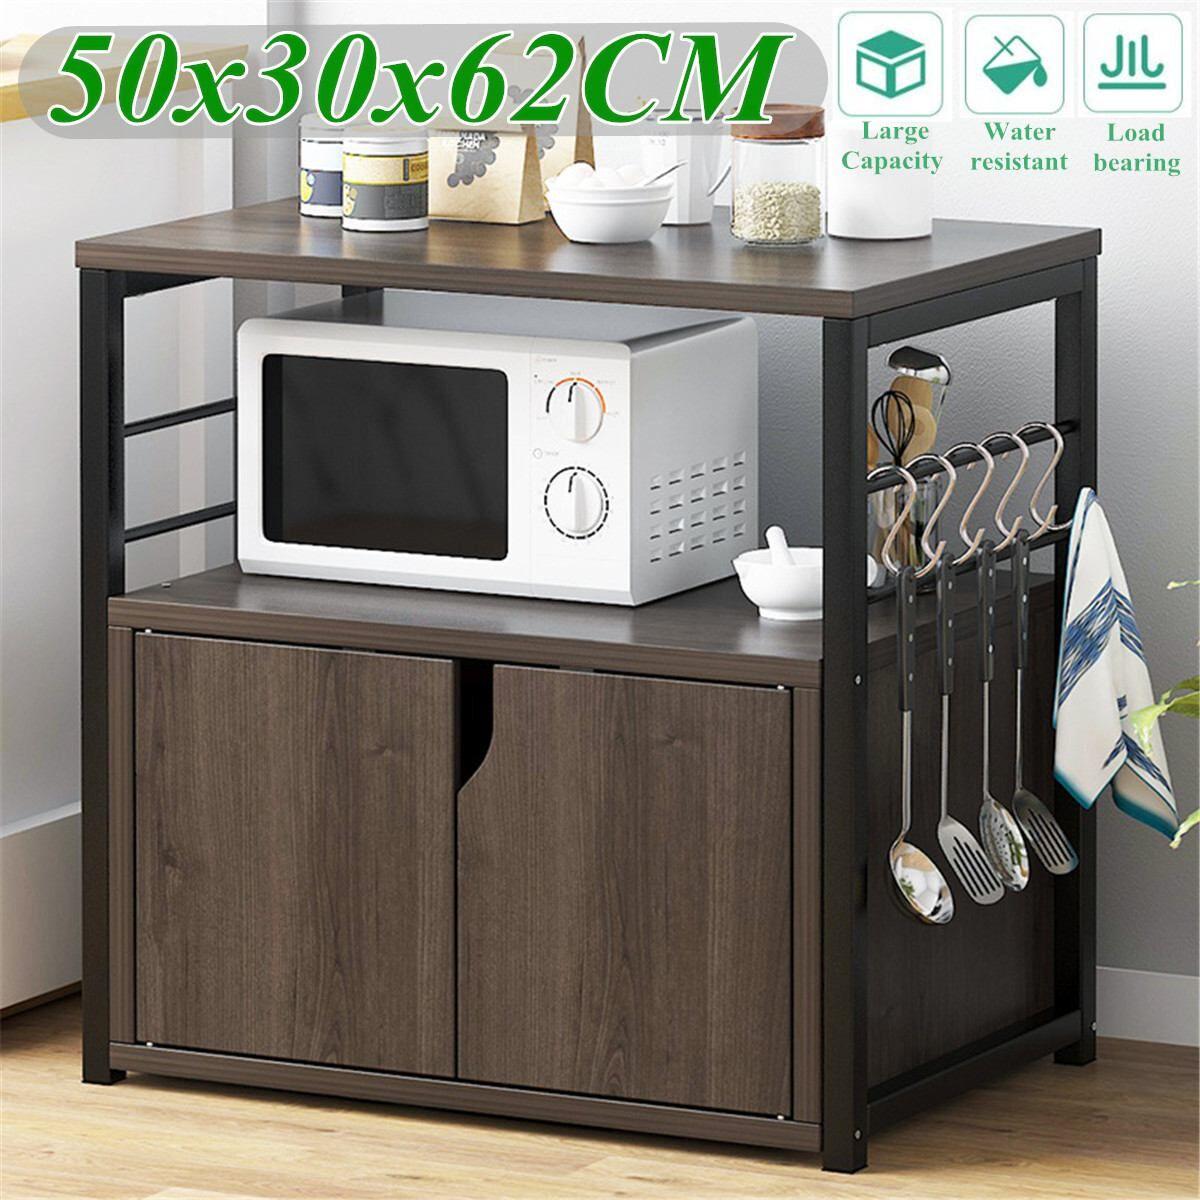 AliExpress 2 niveaux en bois cuisine four à micro-ondes étagère avec armoire étagère fer Art ustensiles de